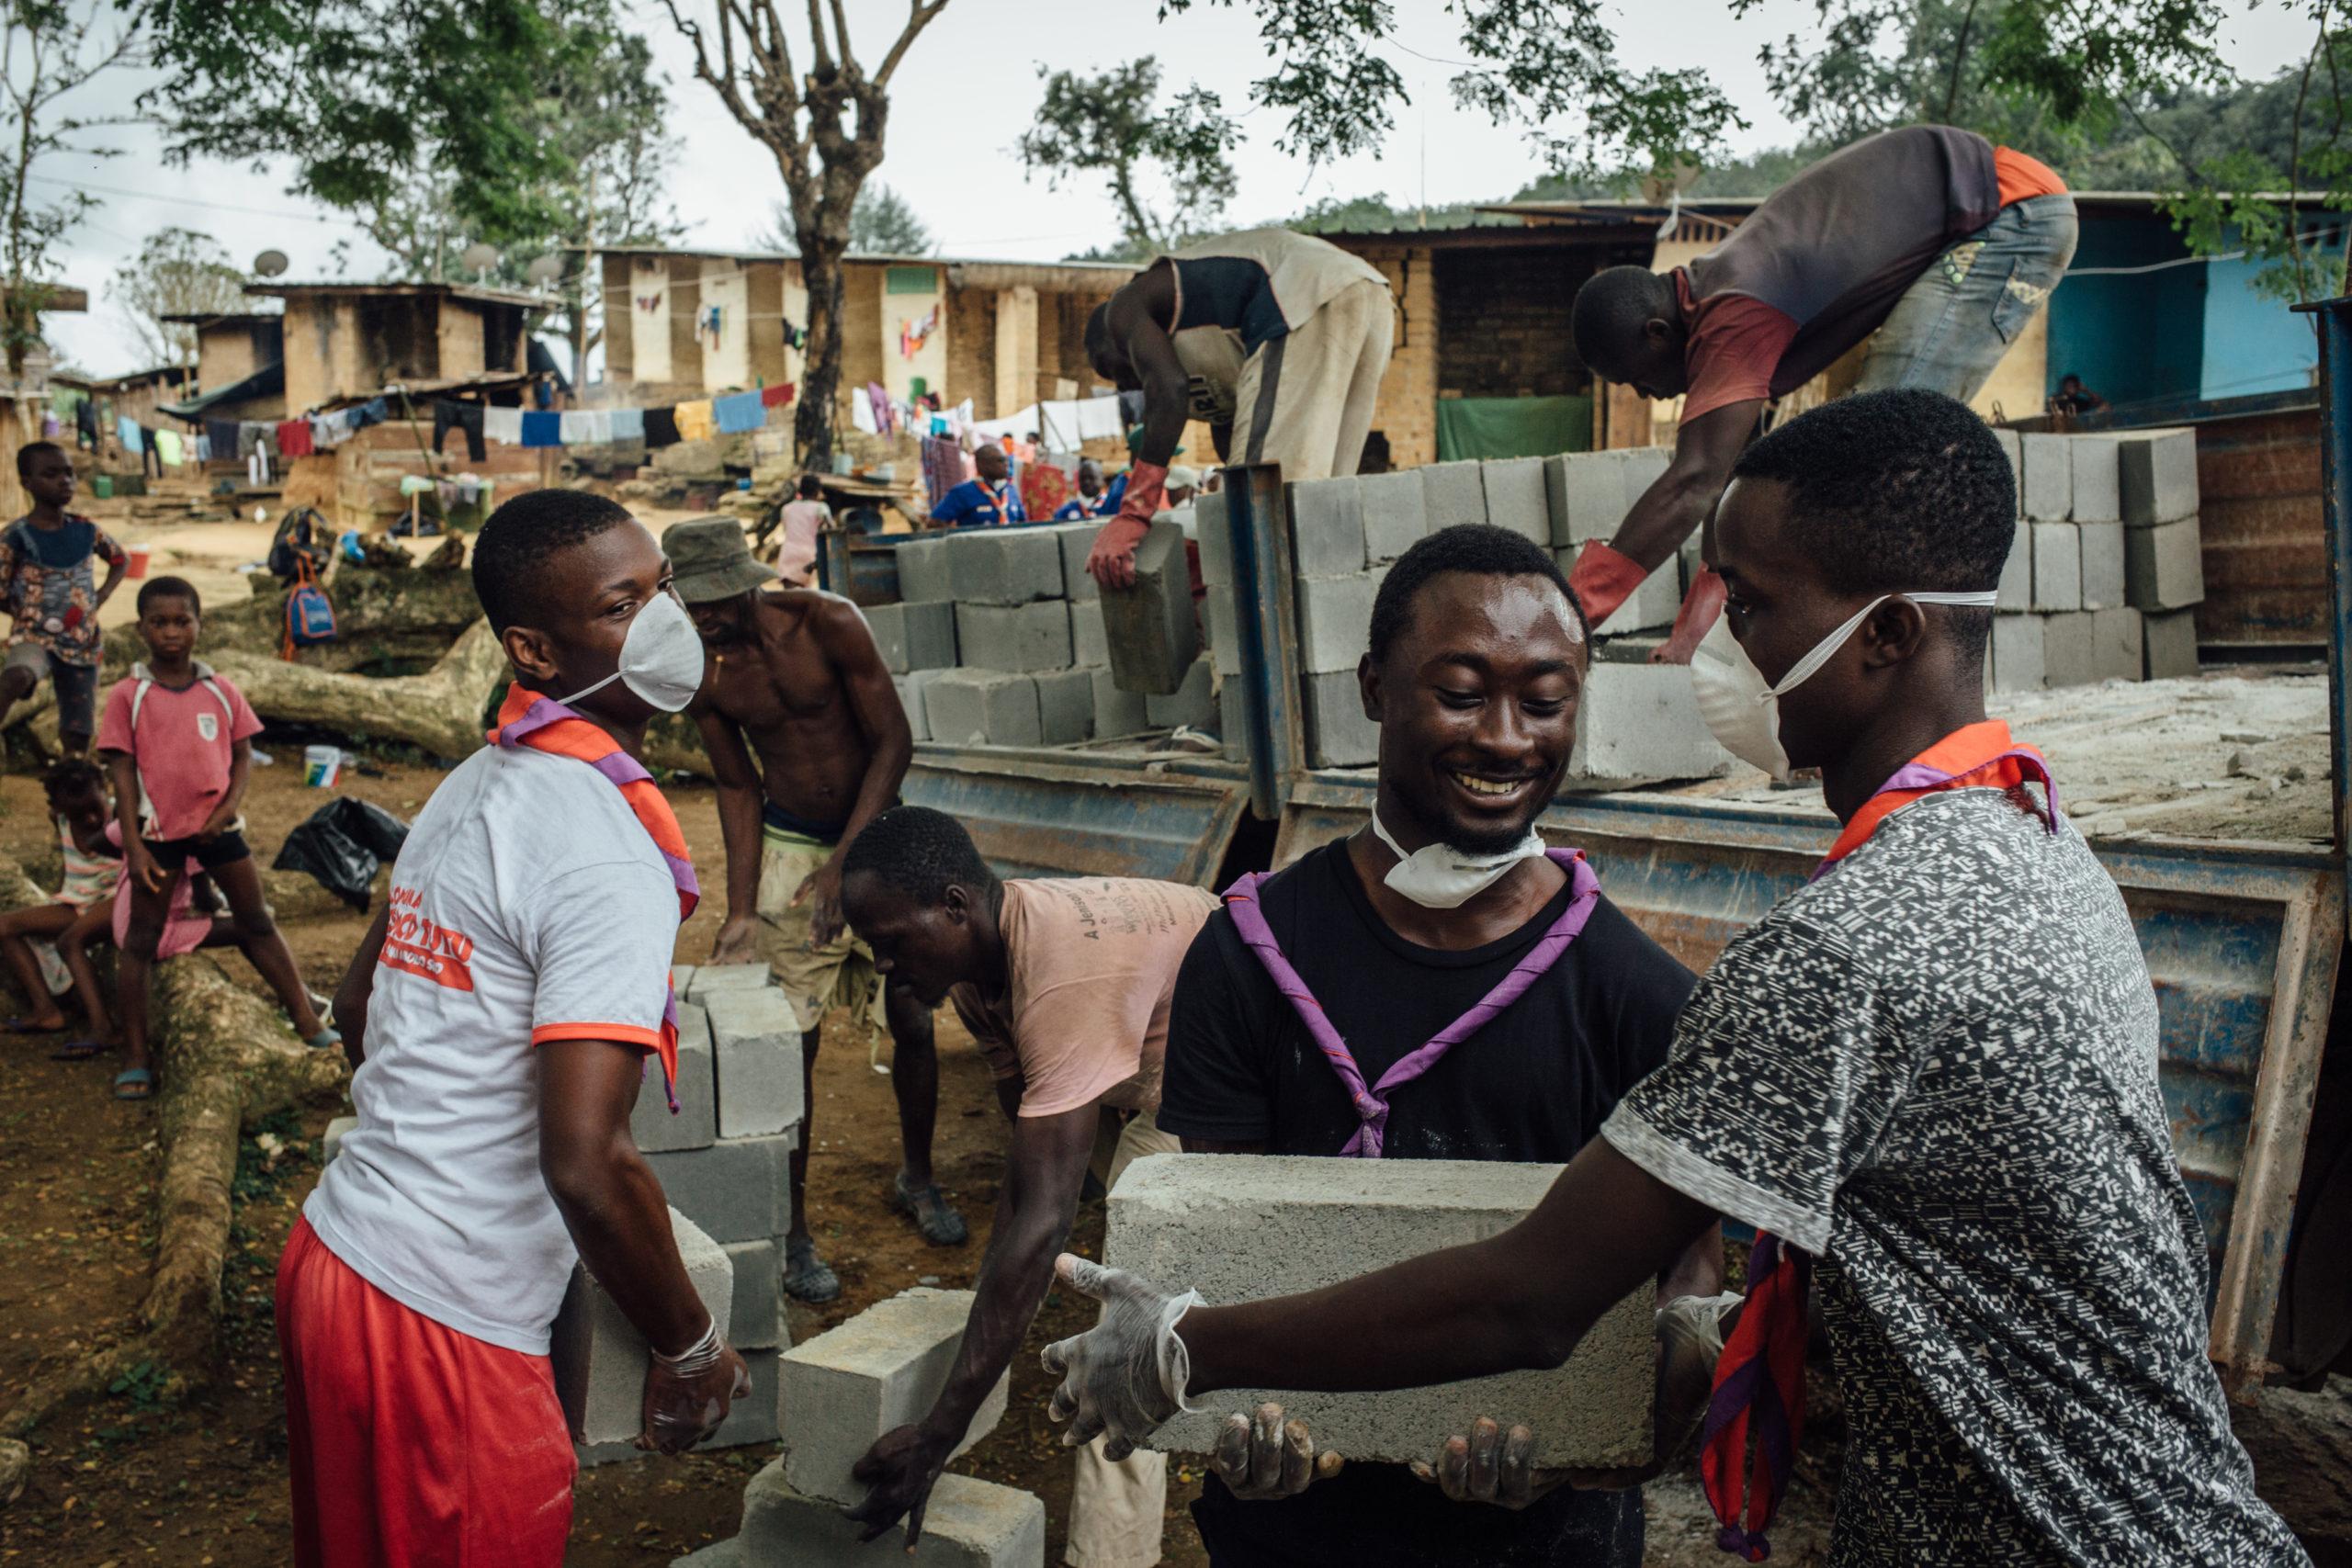 Des scouts ivoriens réhabilitent les latrines en périphérie d'Abidjan, septembre 2019 ©Cyril Marcilhacy